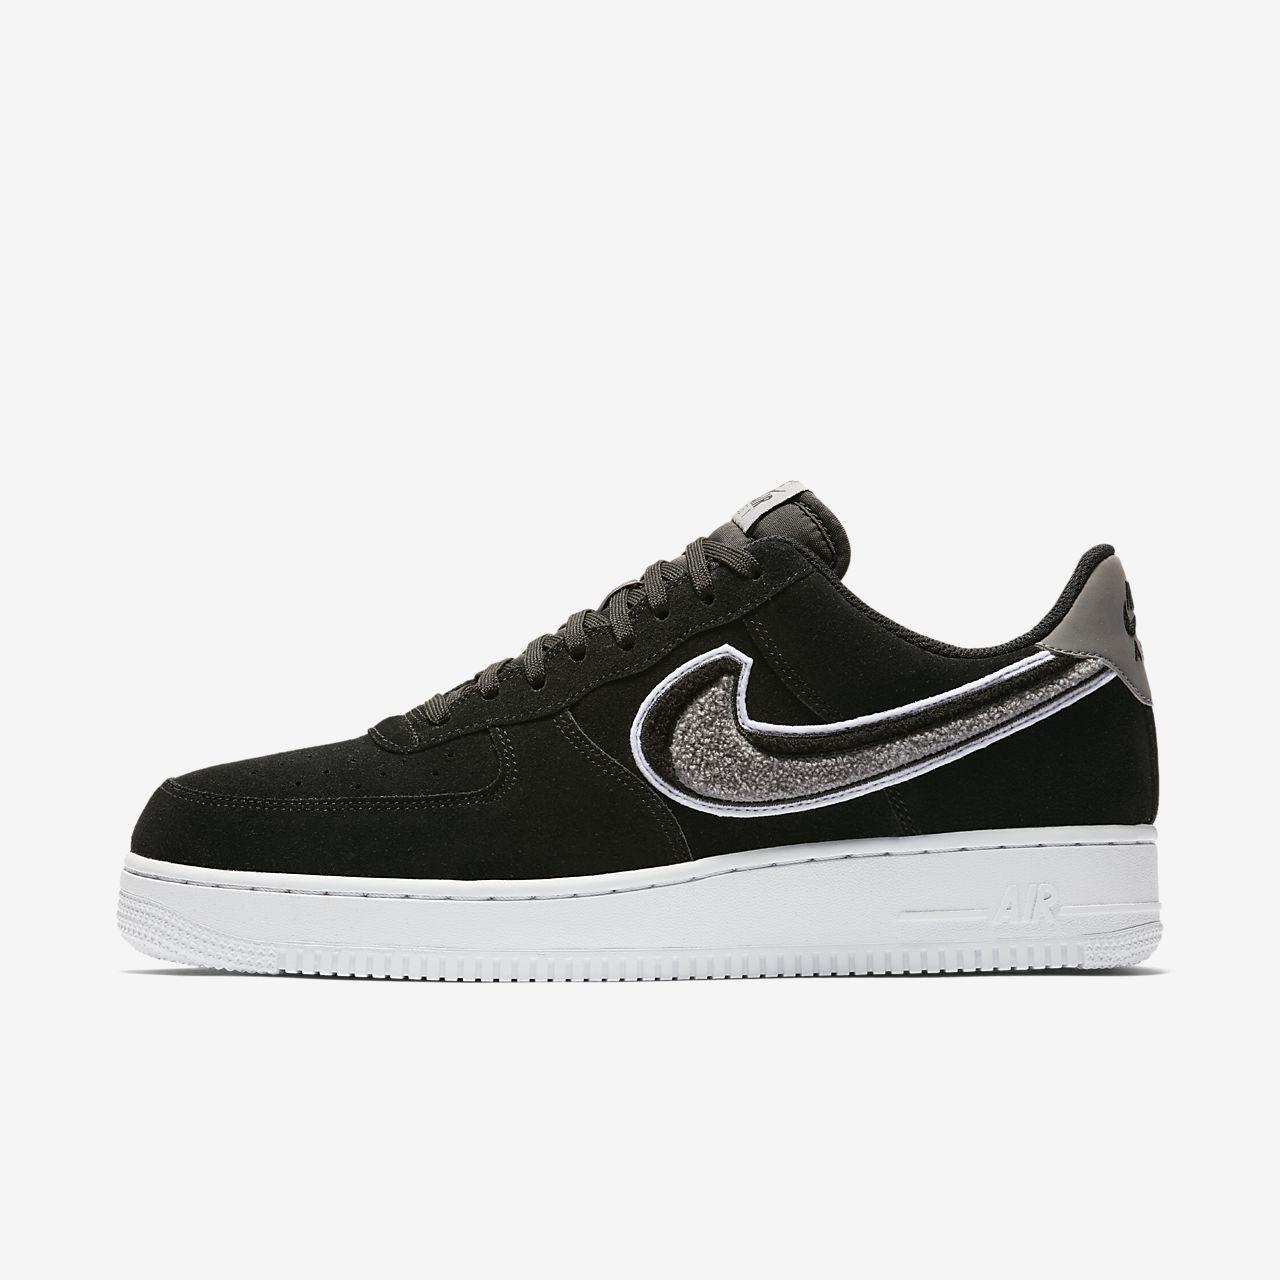 Nike Air Force 1 Low 07 LV8 Erkek Ayakkabısı